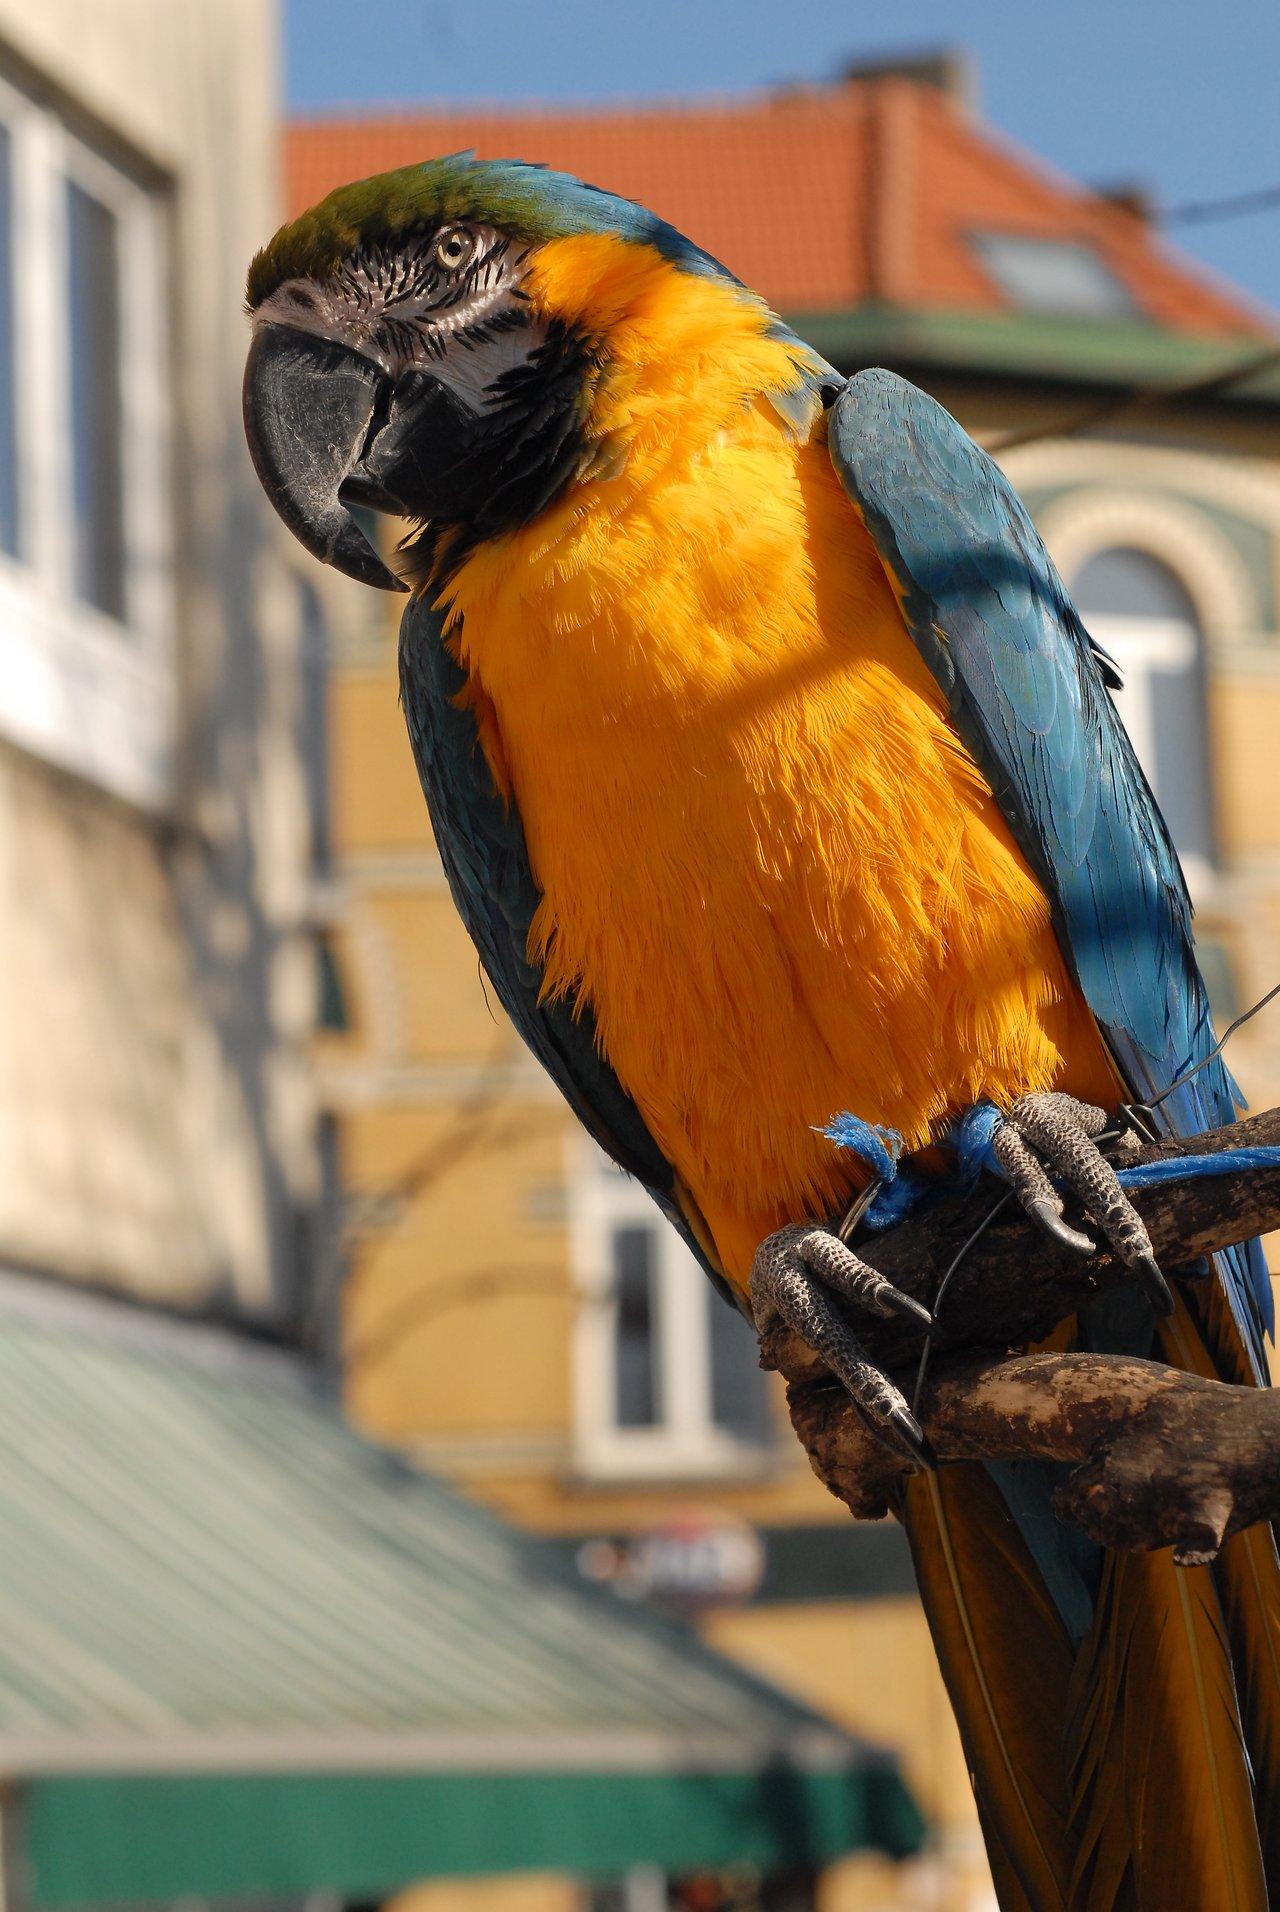 Street macaw